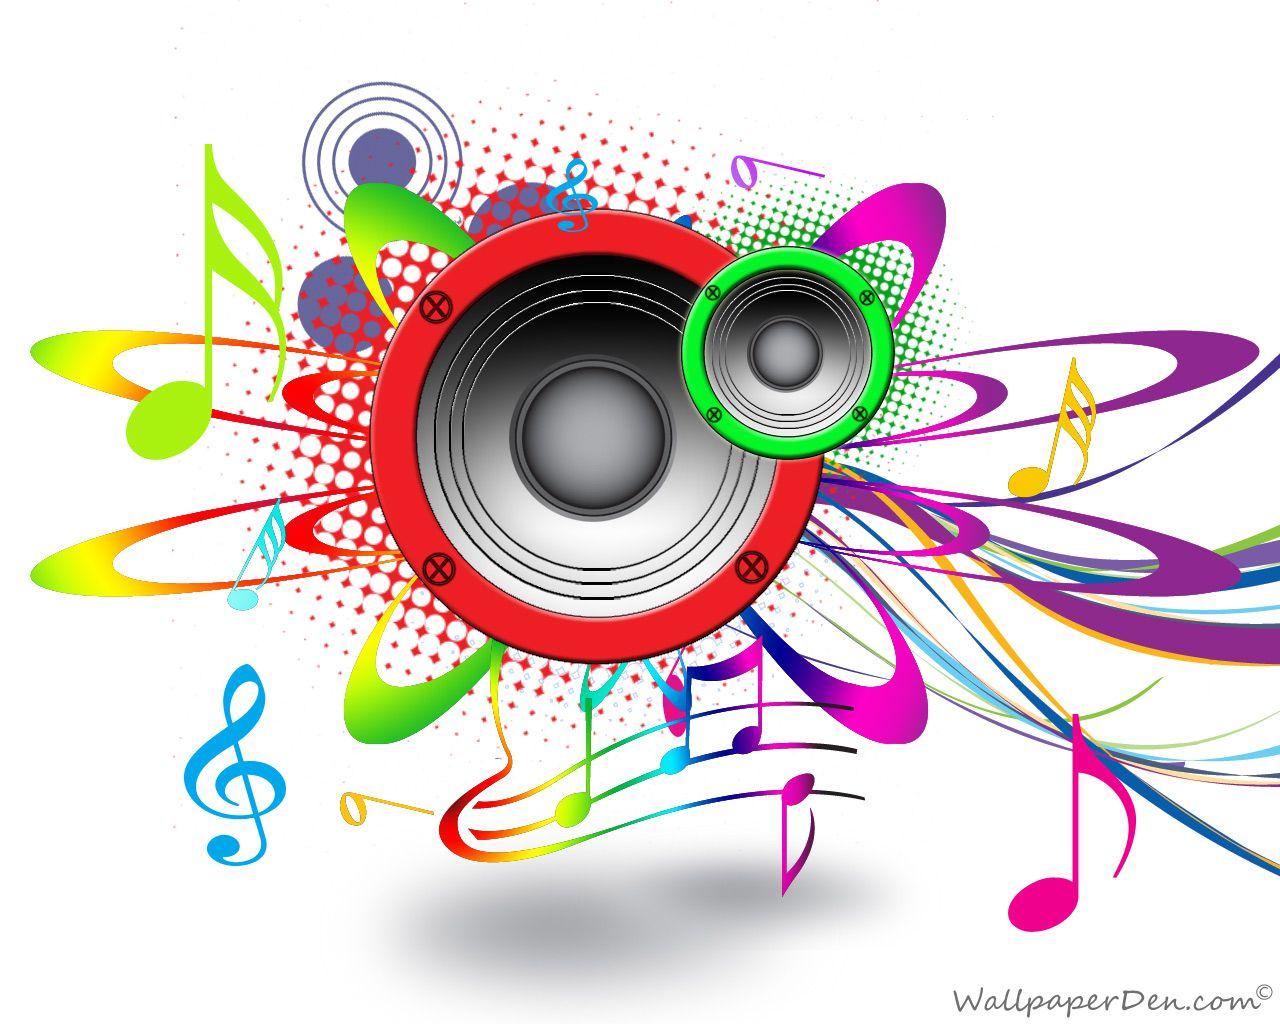 Популярная музыка скачать бесплатно - 4